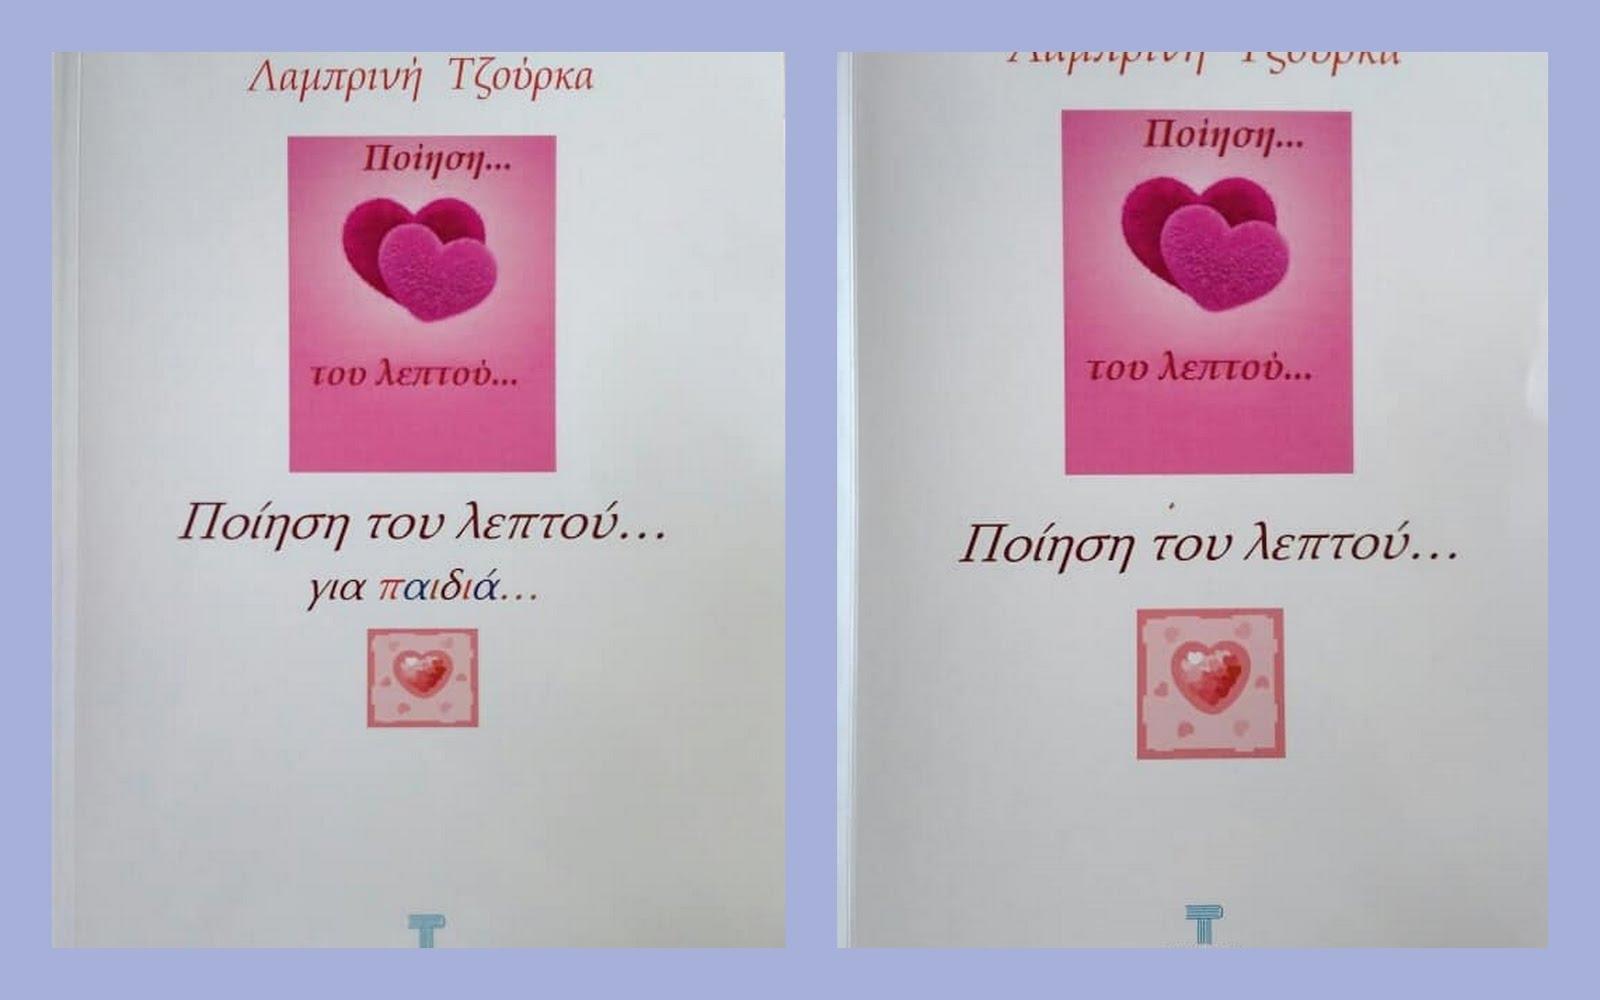 Τα βιβλία μου... κλικ στην φώτο για λεπτομέρειες...  Lampros